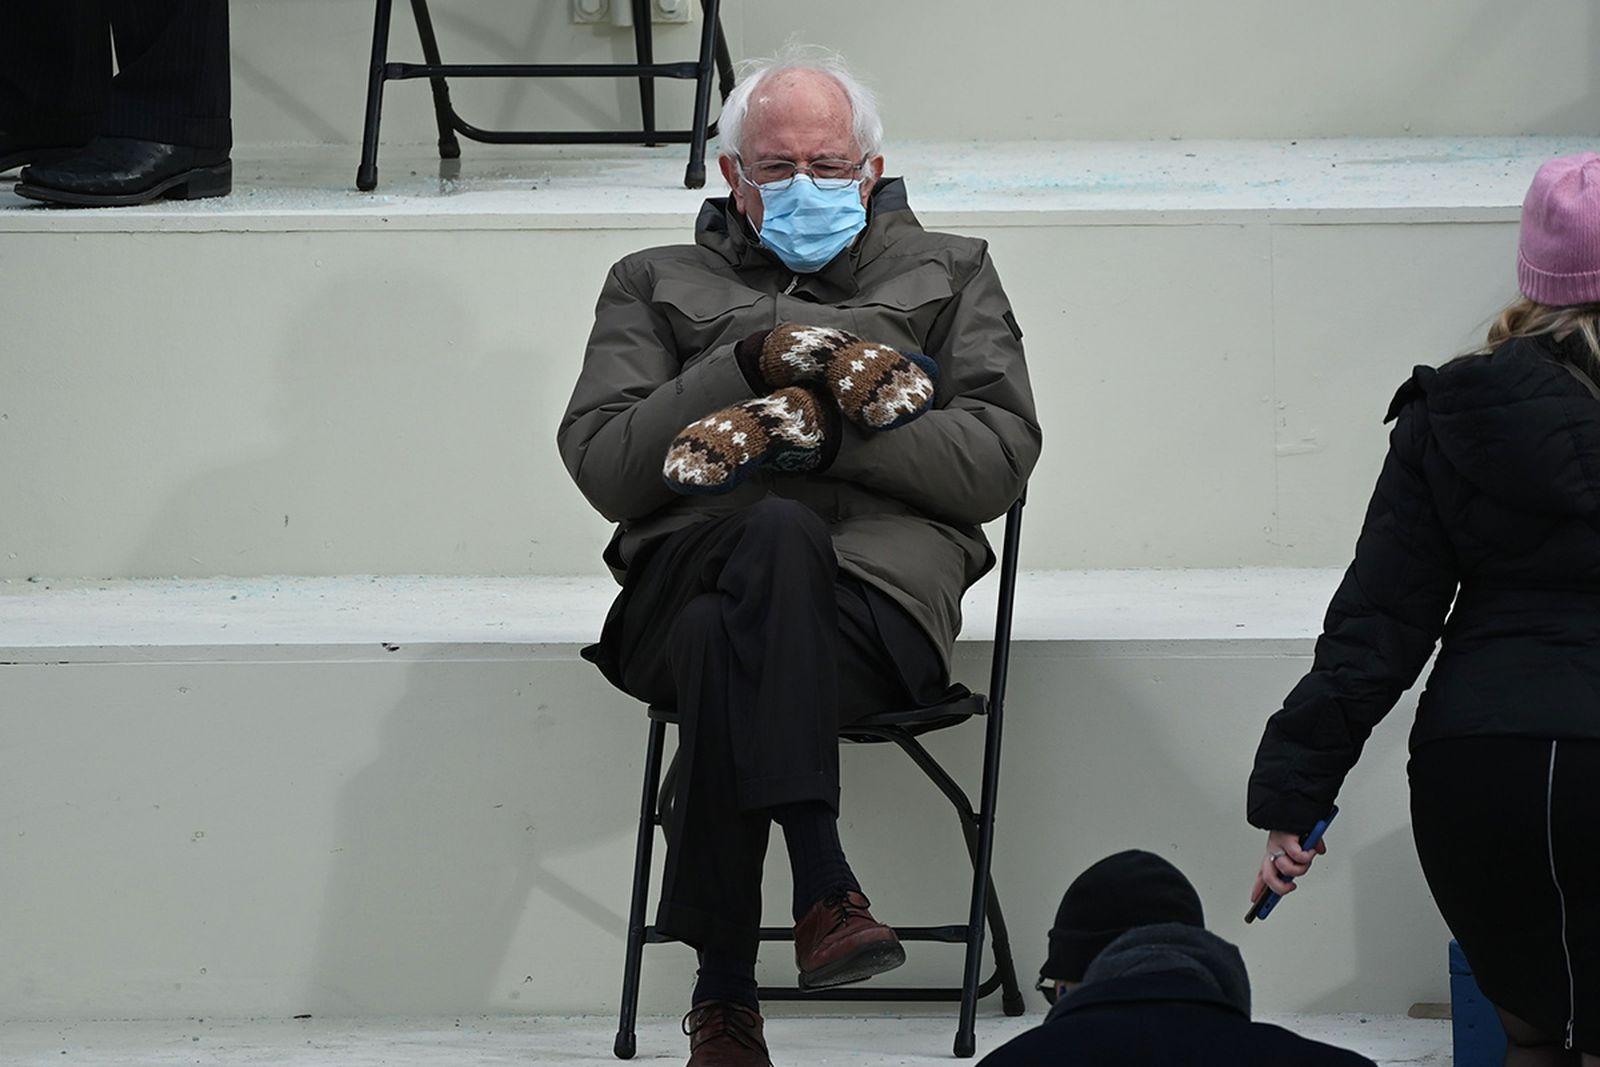 Bernie Sanders wearing mittens at inauguration